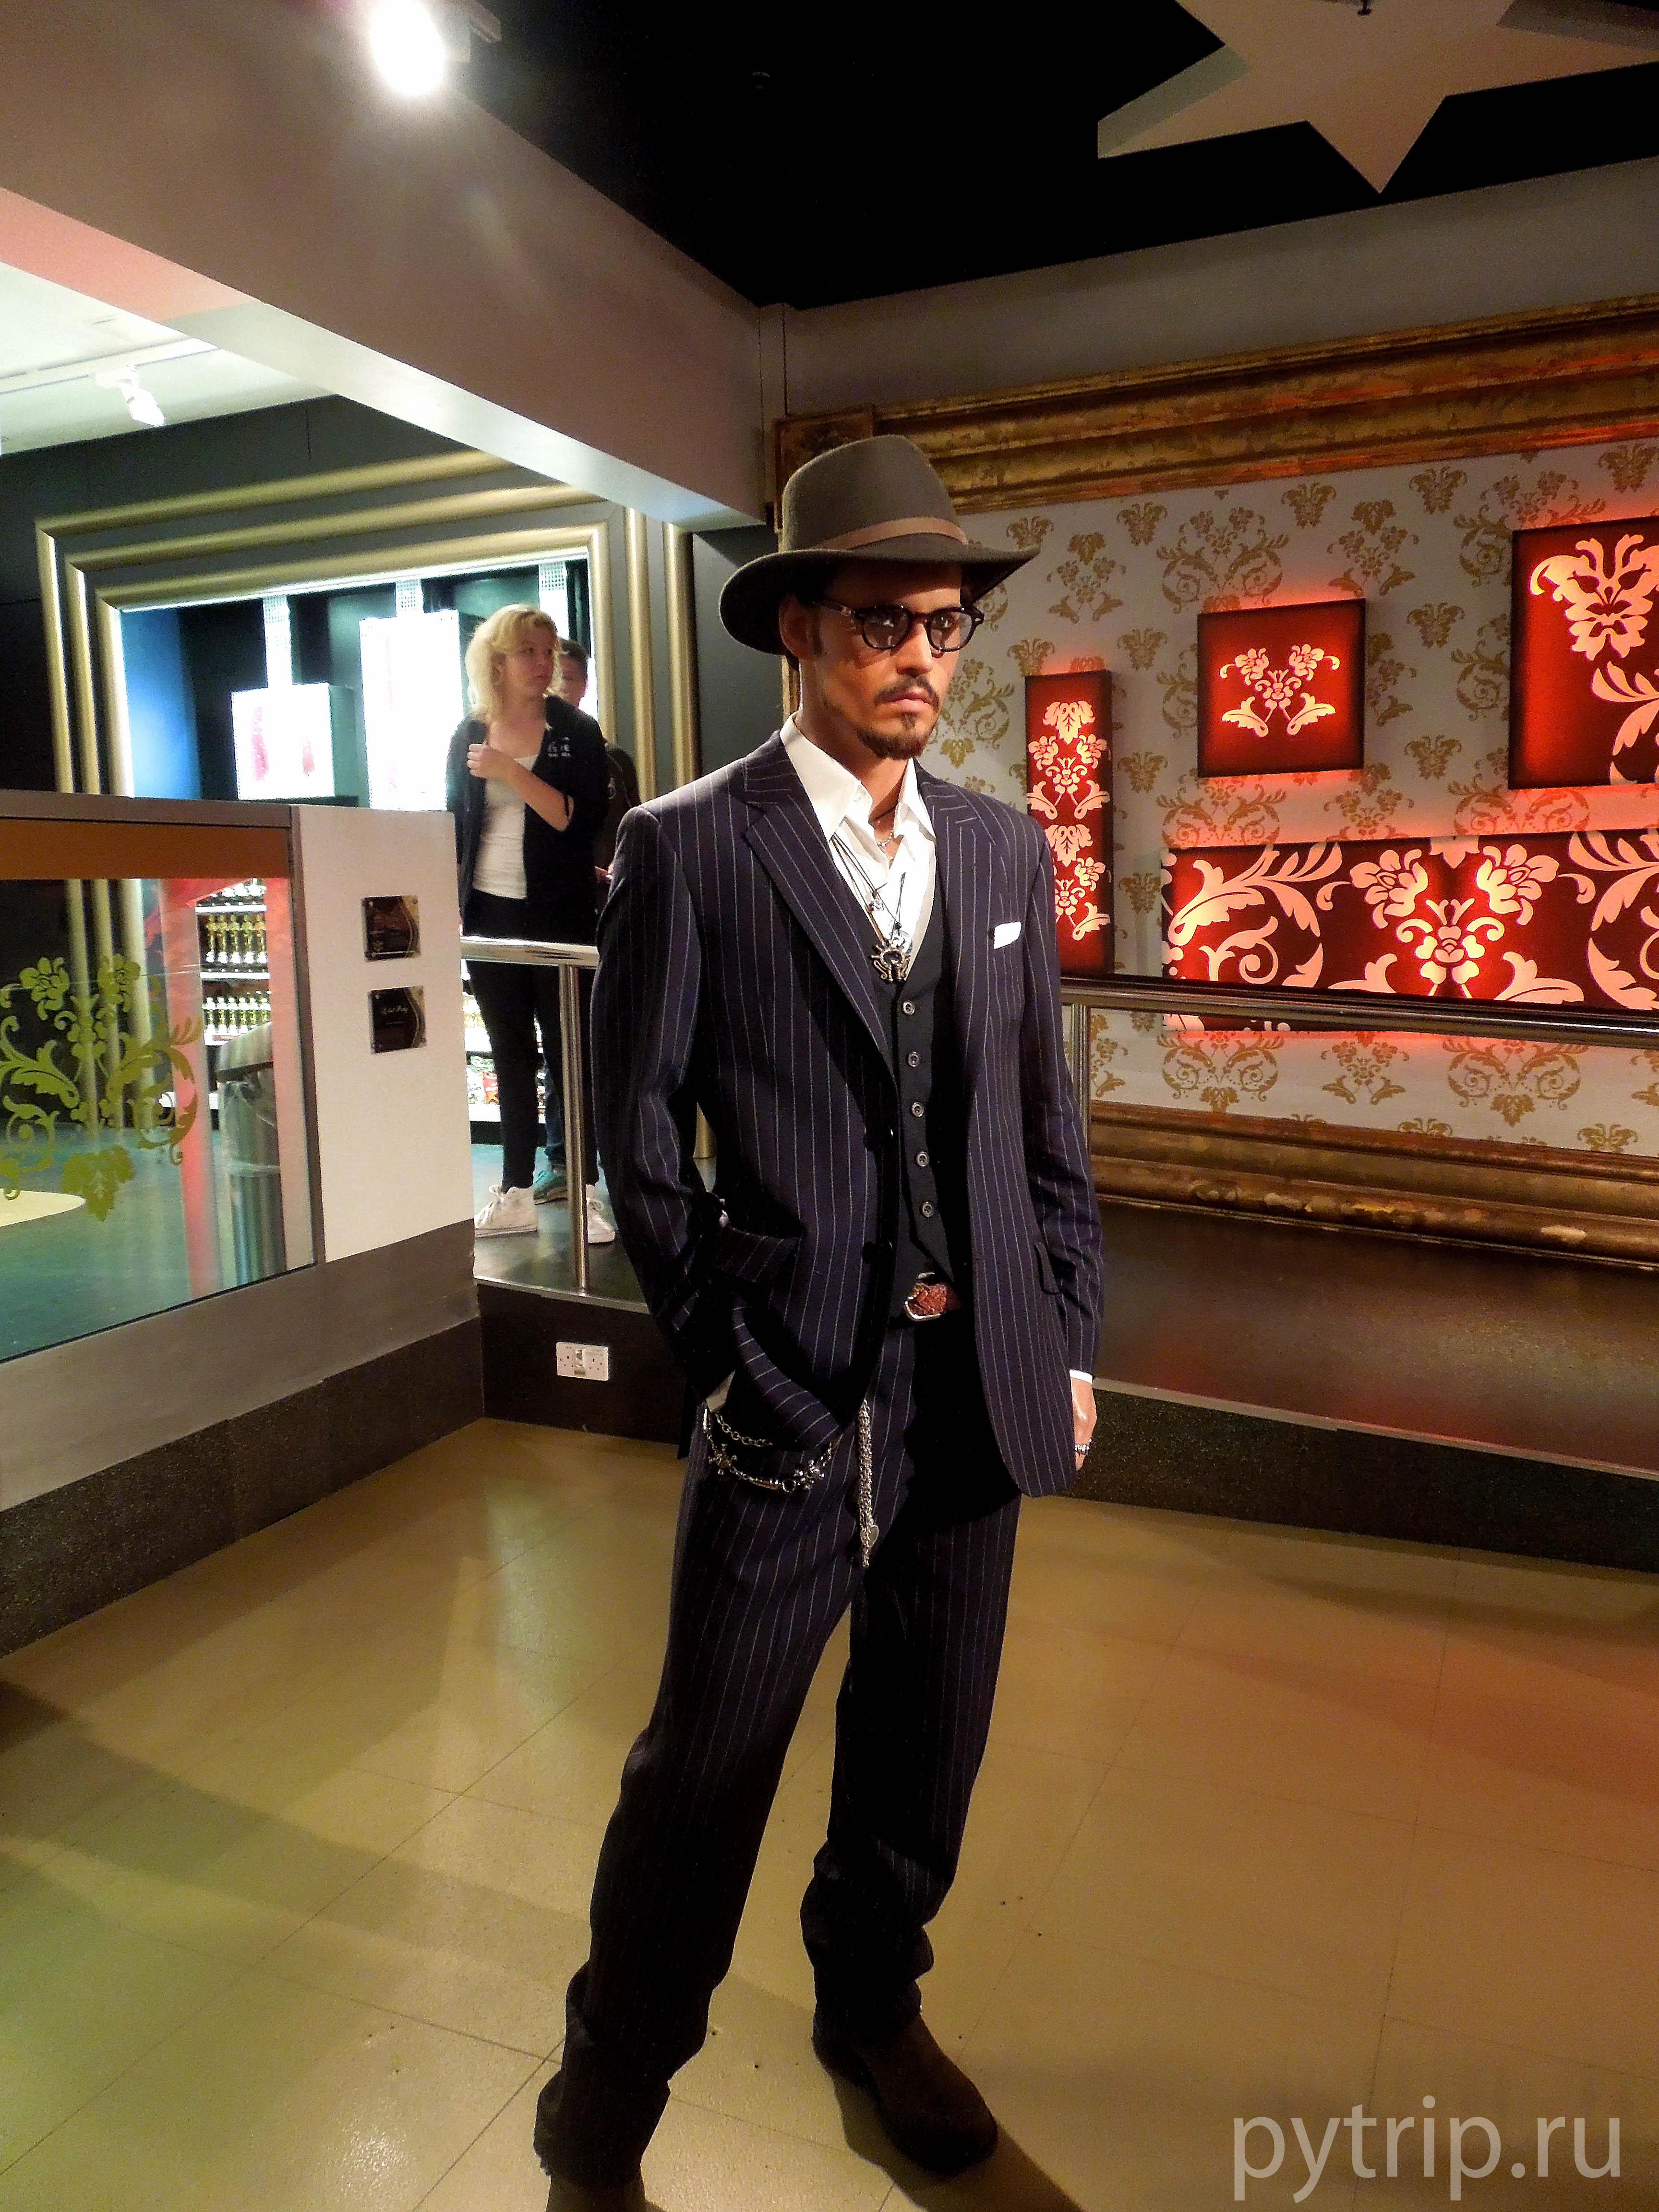 Джонни Депп в Музее Тюссо.